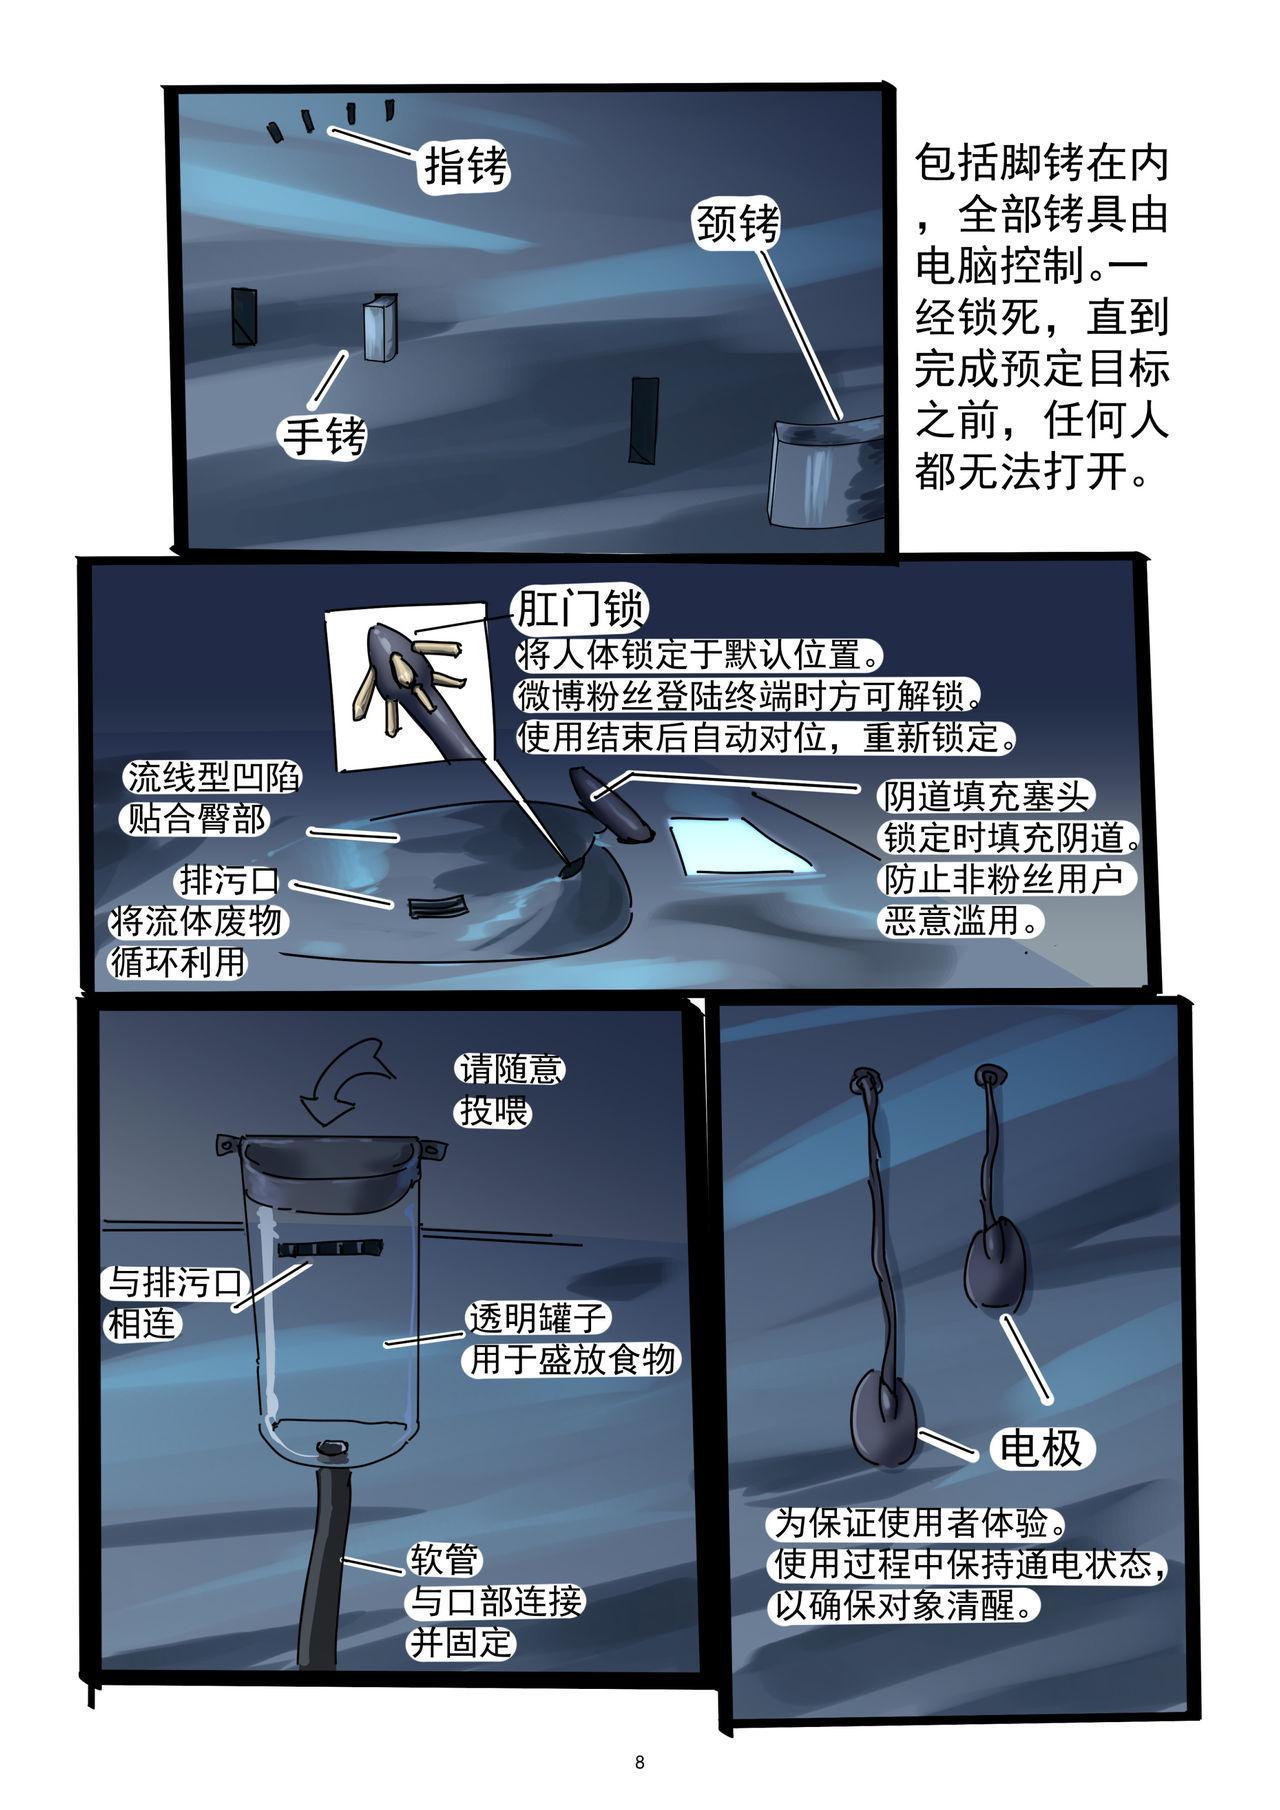 铃铃的快乐奴隶生活 7